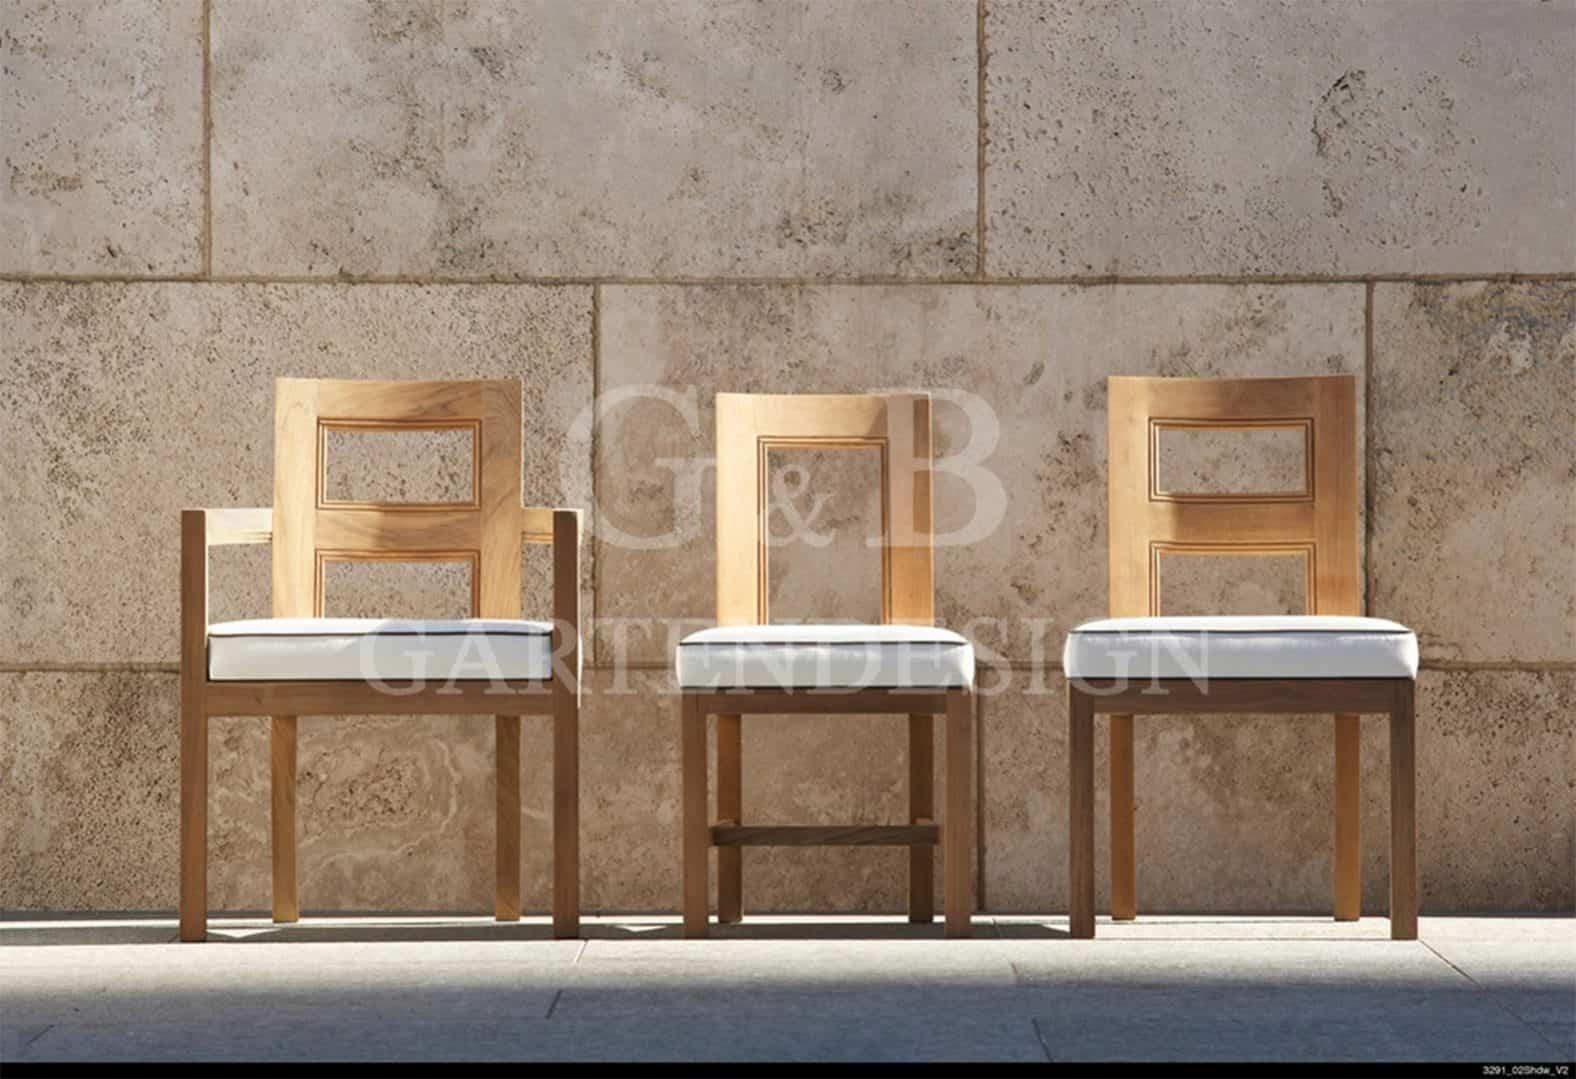 teakm bel holzm bel gempp gartendesign. Black Bedroom Furniture Sets. Home Design Ideas